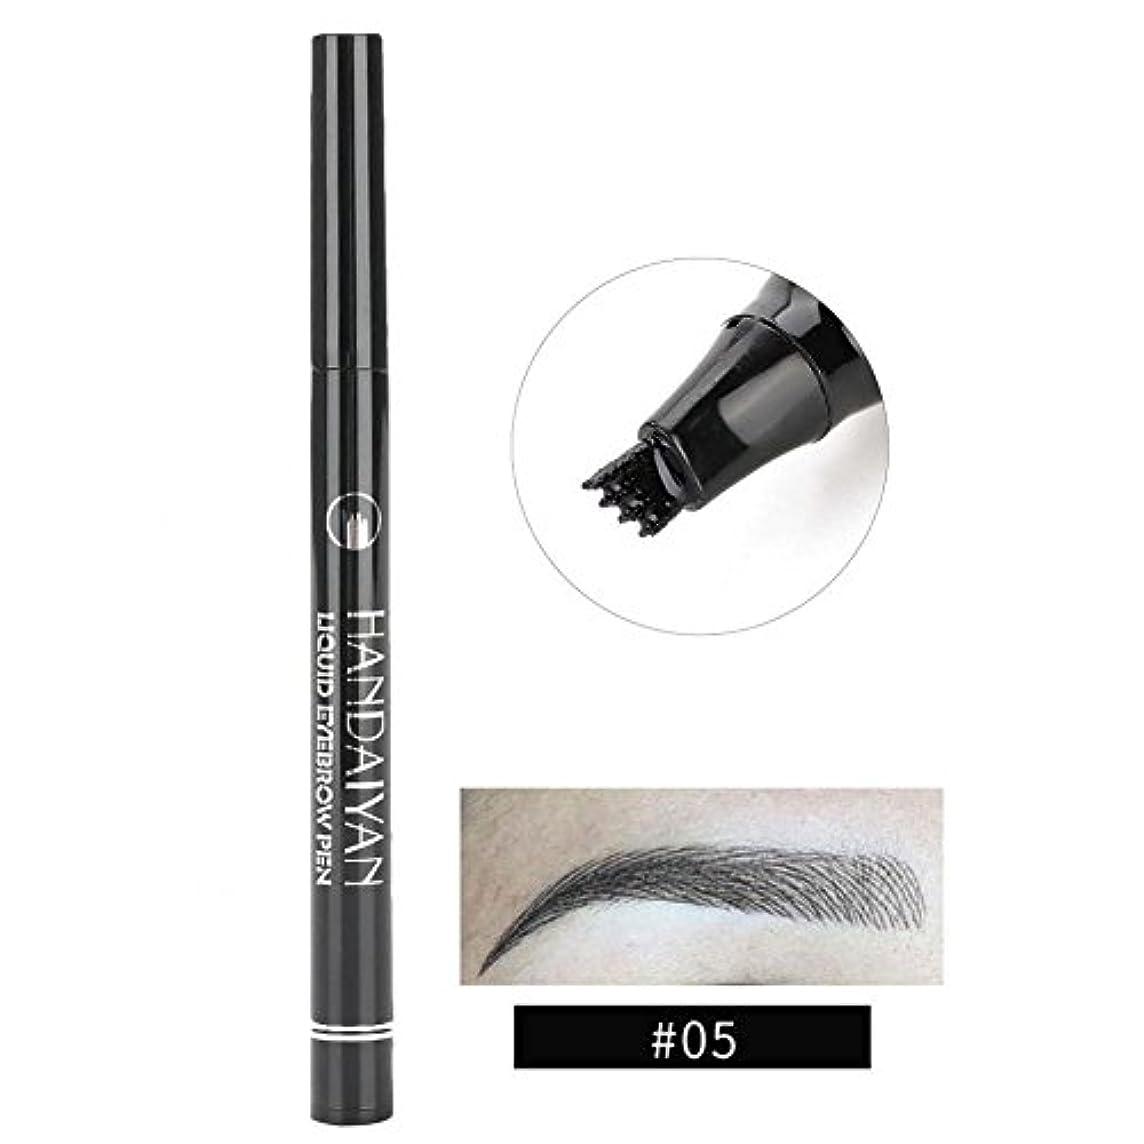 例示するめんどり興奮する防水眉ペン、液体 長持ち 液体眉毛タトゥーペン 眉毛エンハンサー メイクアップペン(5)